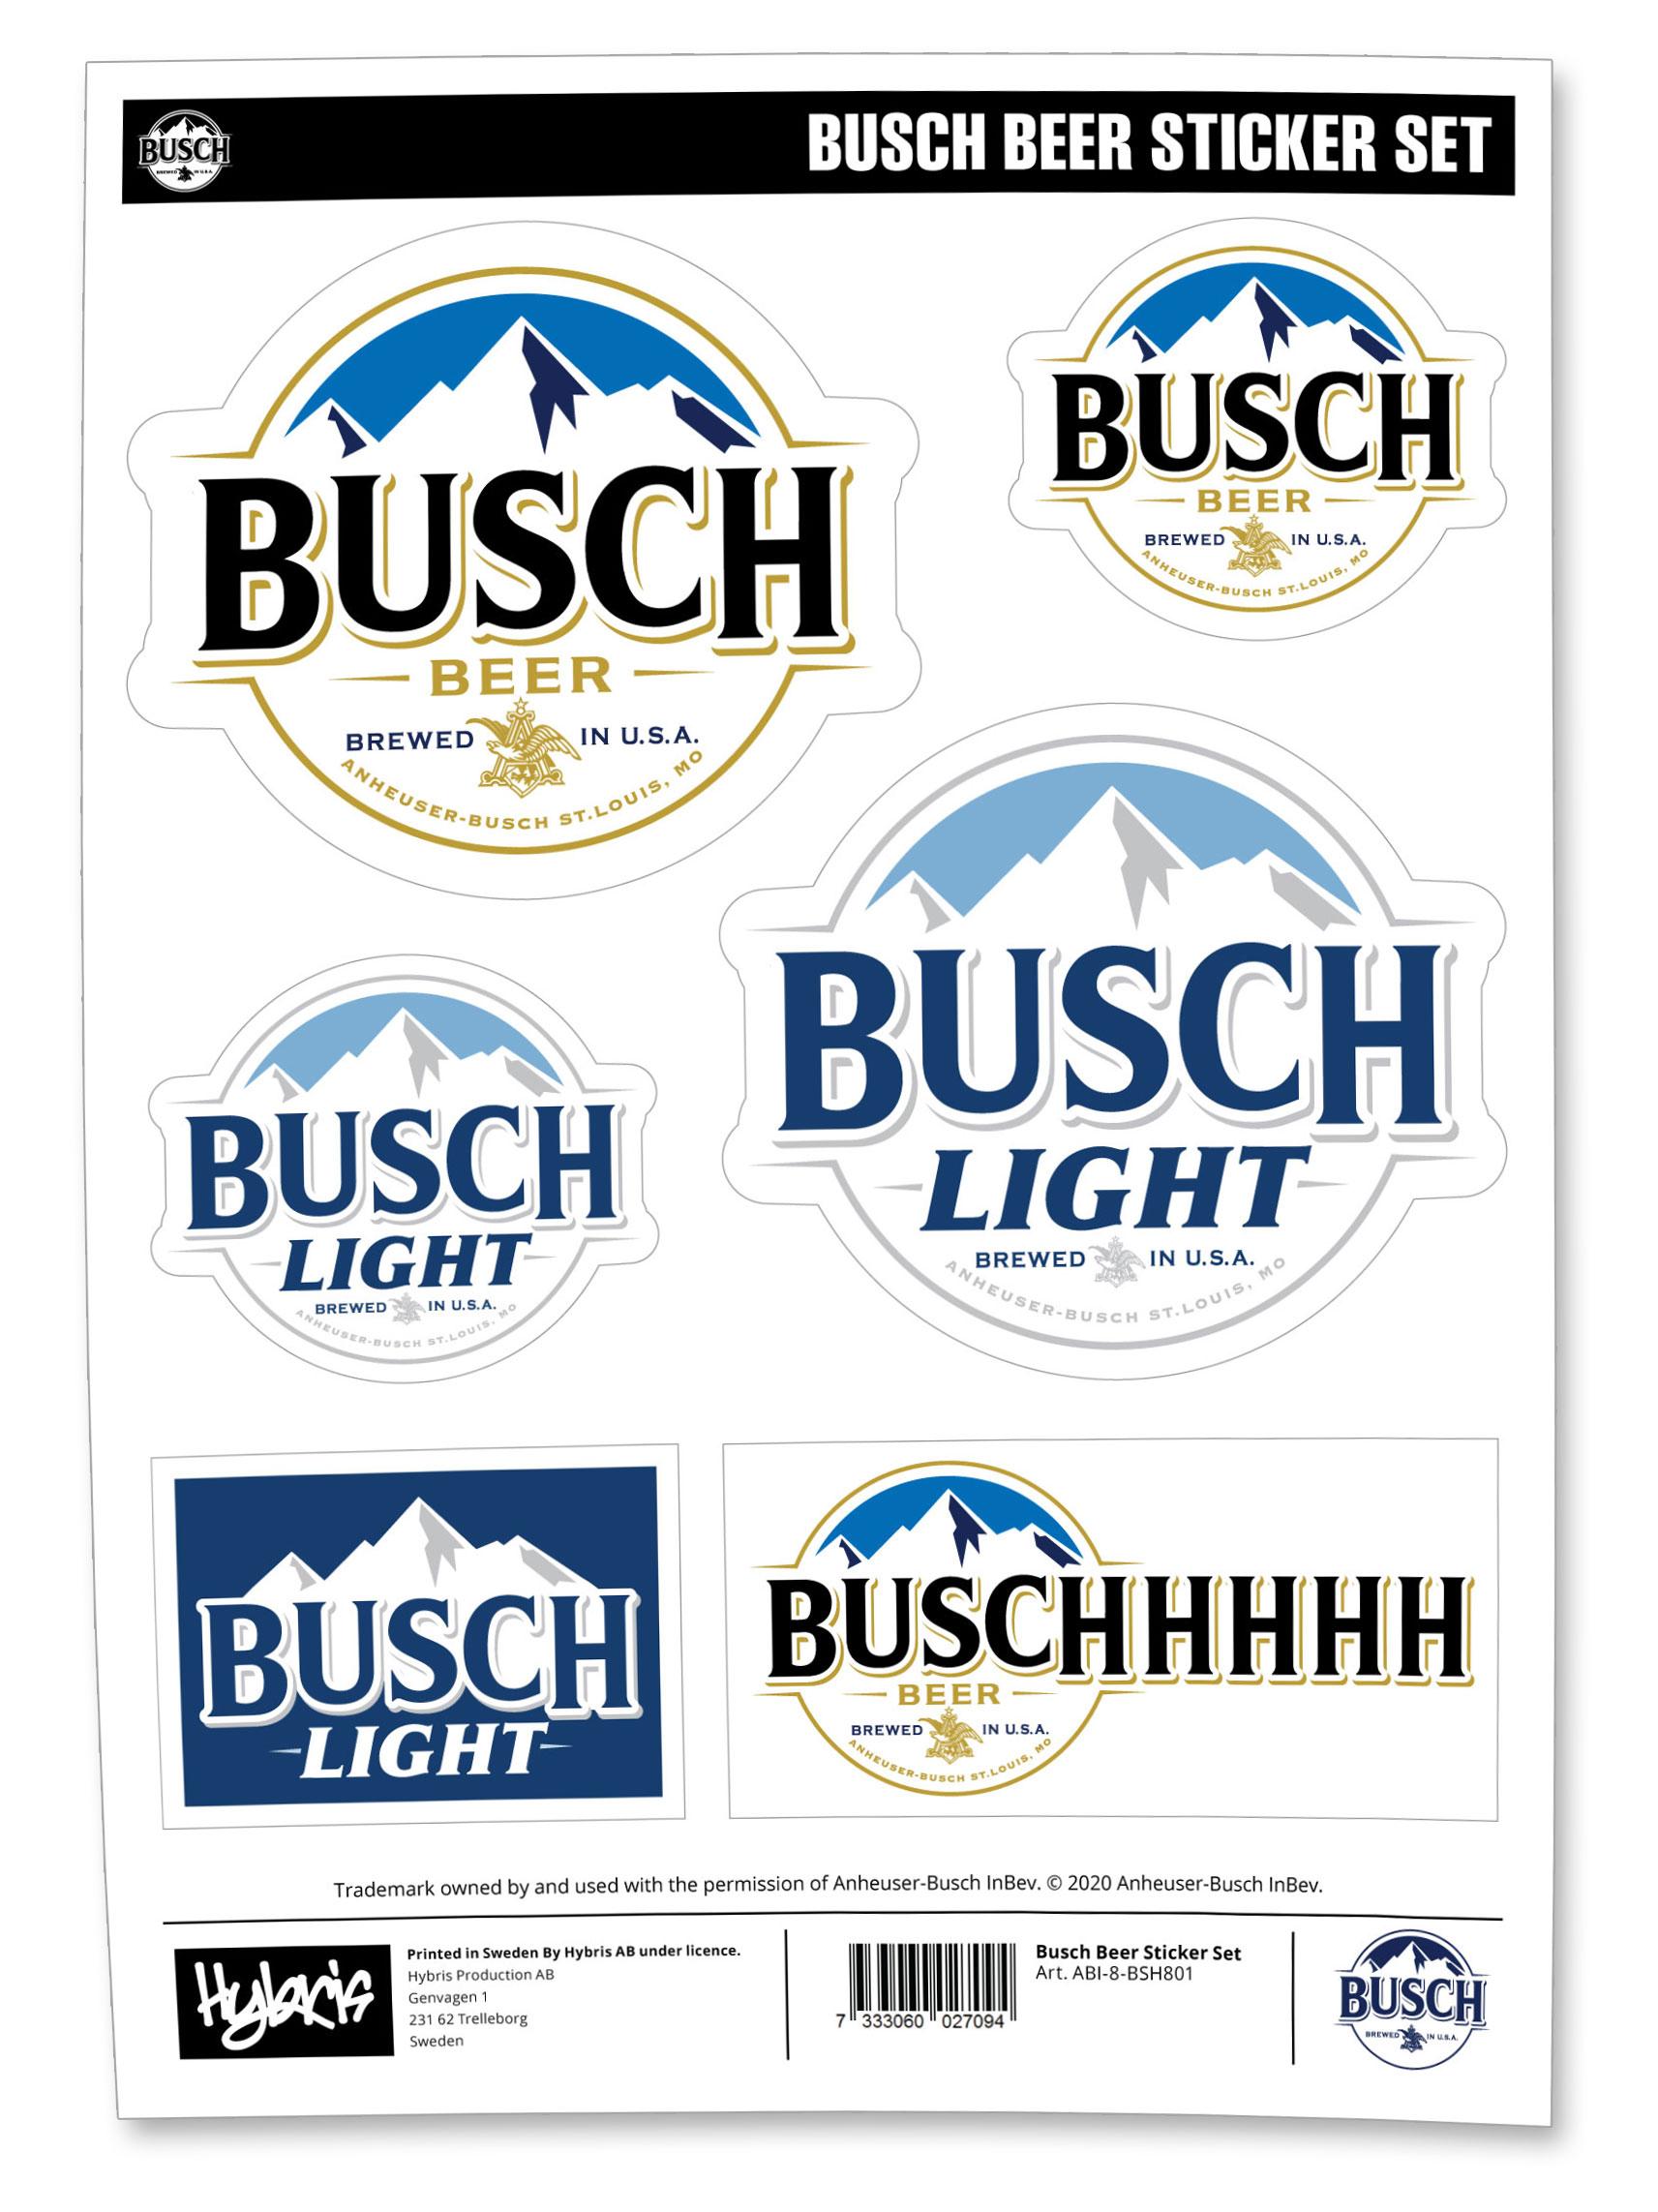 Busch Beer Sticker Set